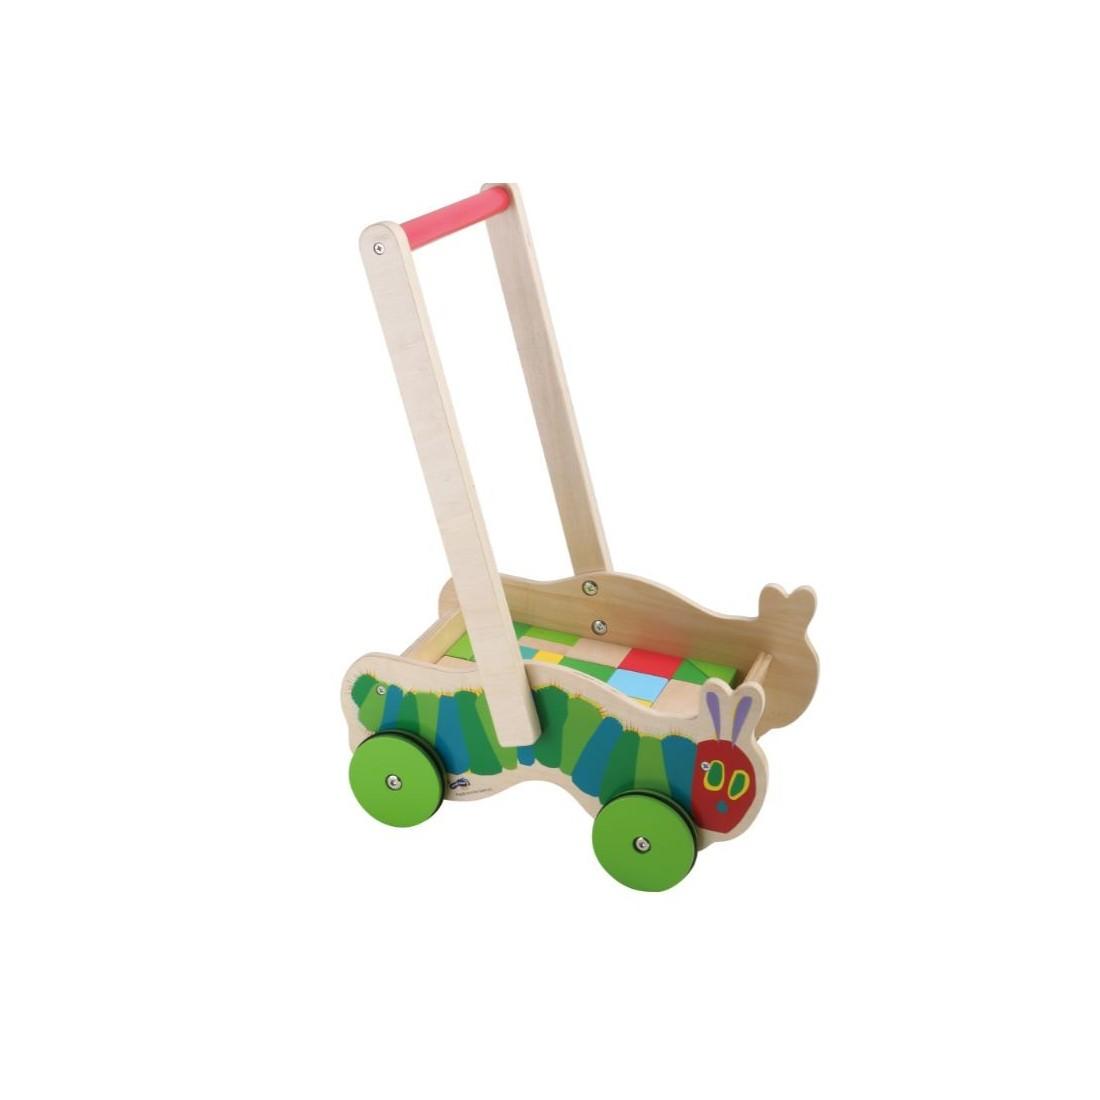 Chariot de marche avec blocs de construction la chenille